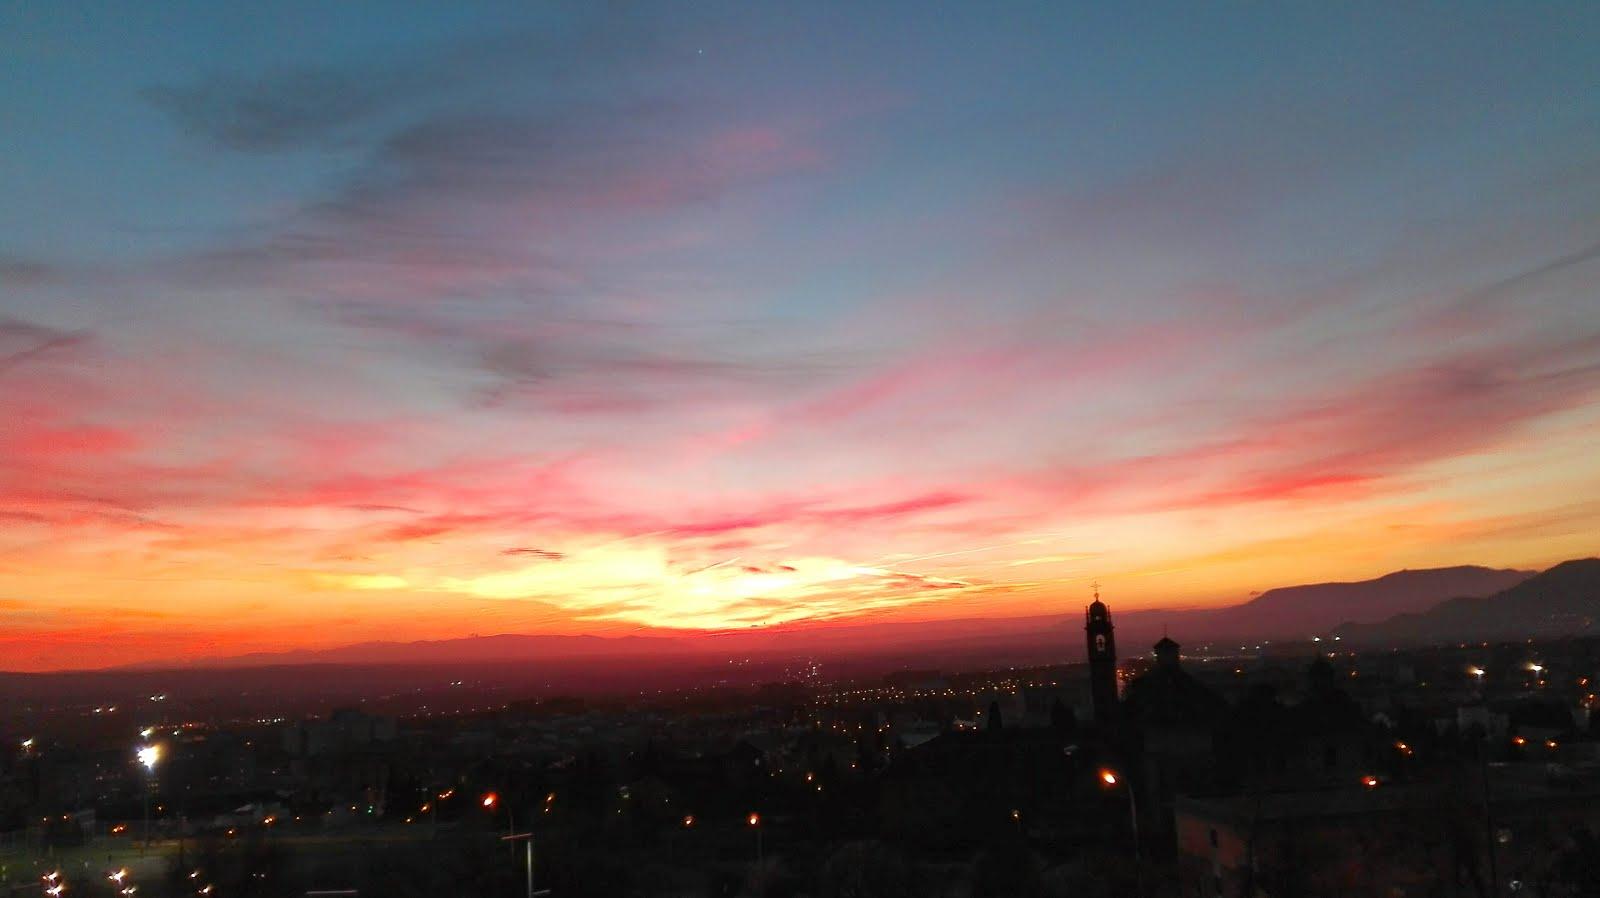 Soñé cada noche con tu cielo pintado de colores